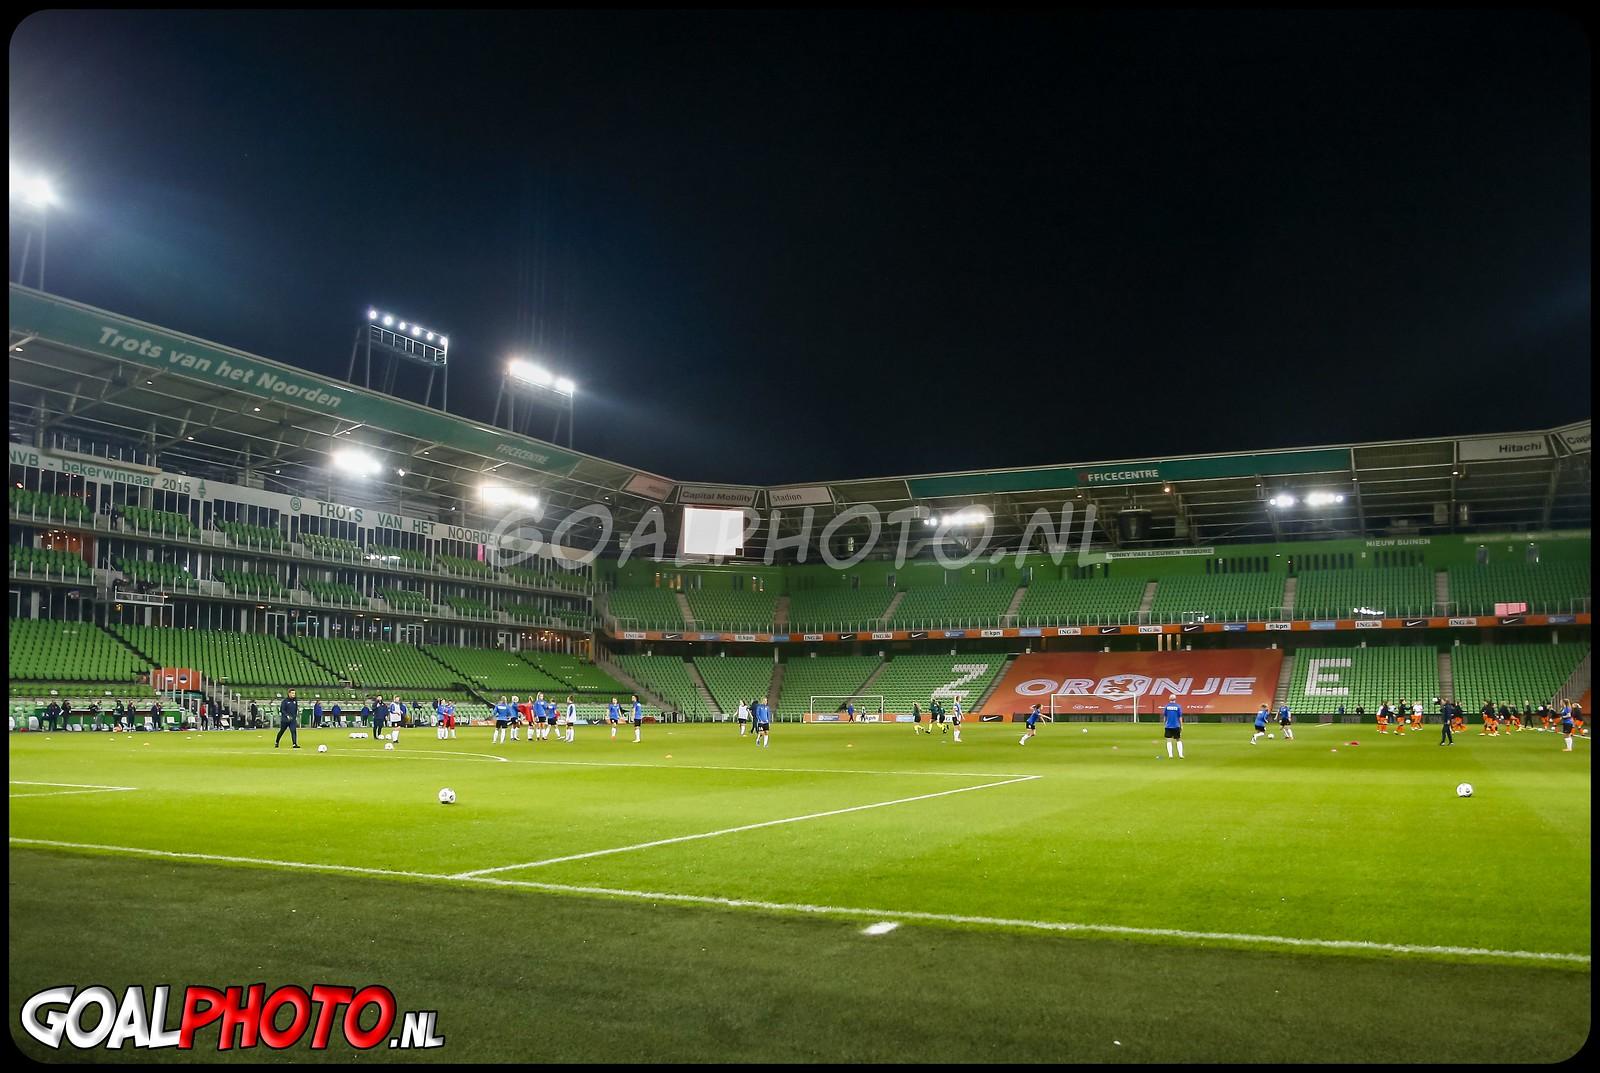 Nederland - Estland 23-10-2020